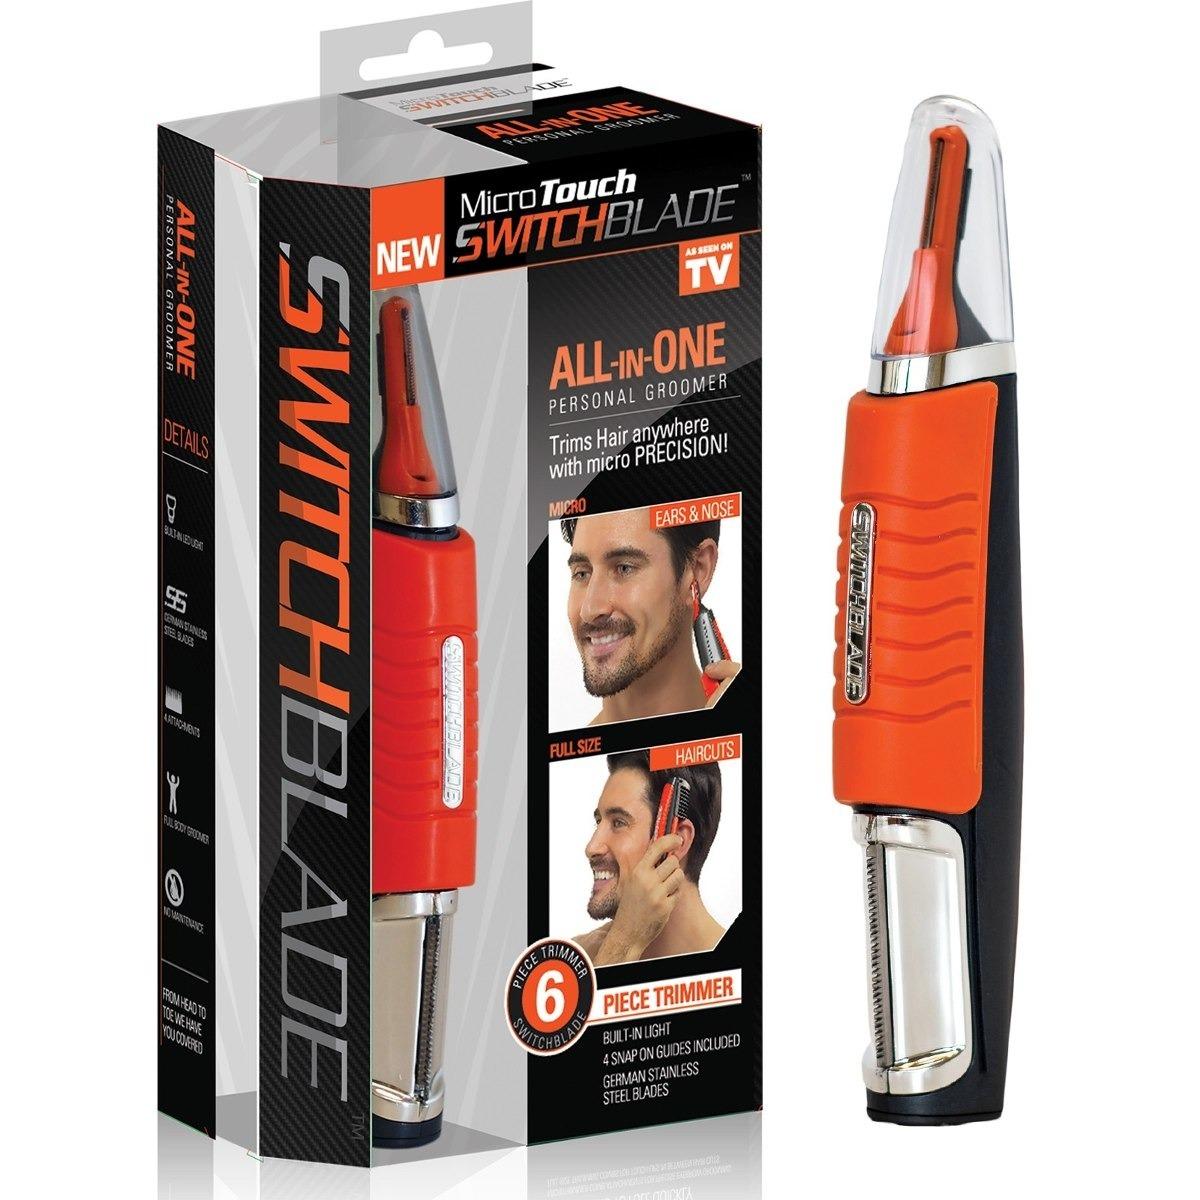 Afeitadora Switchblade Depiladora De Pelo 2 En 1 -   550 06c253c1c330